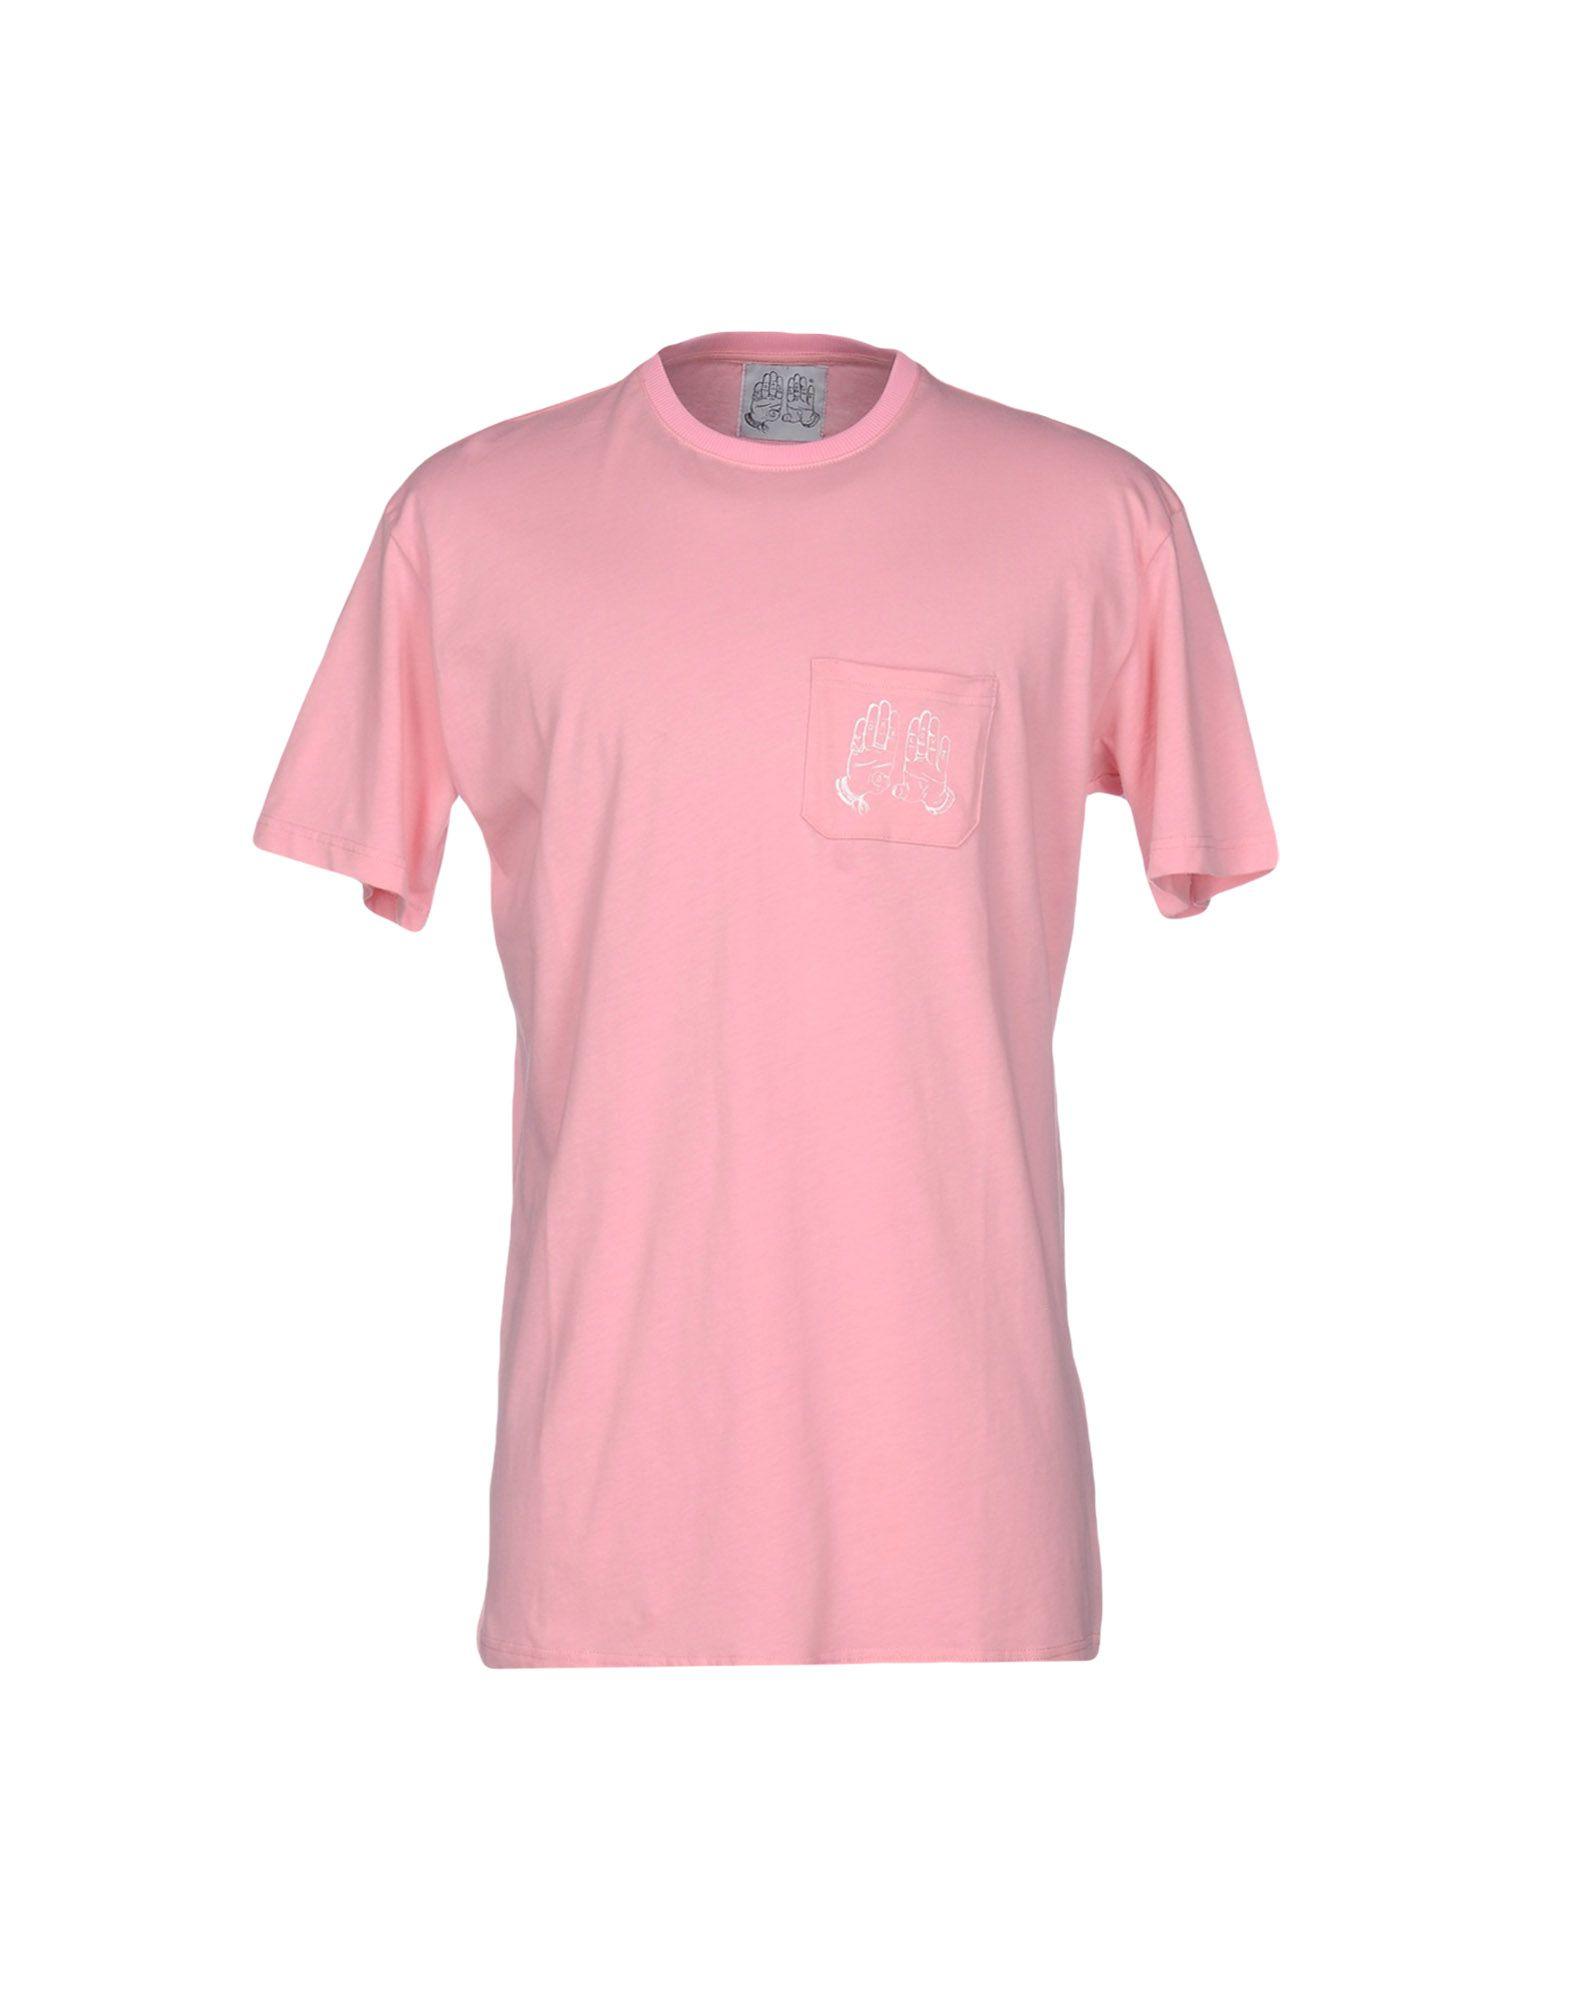 ФОТО more love футболка